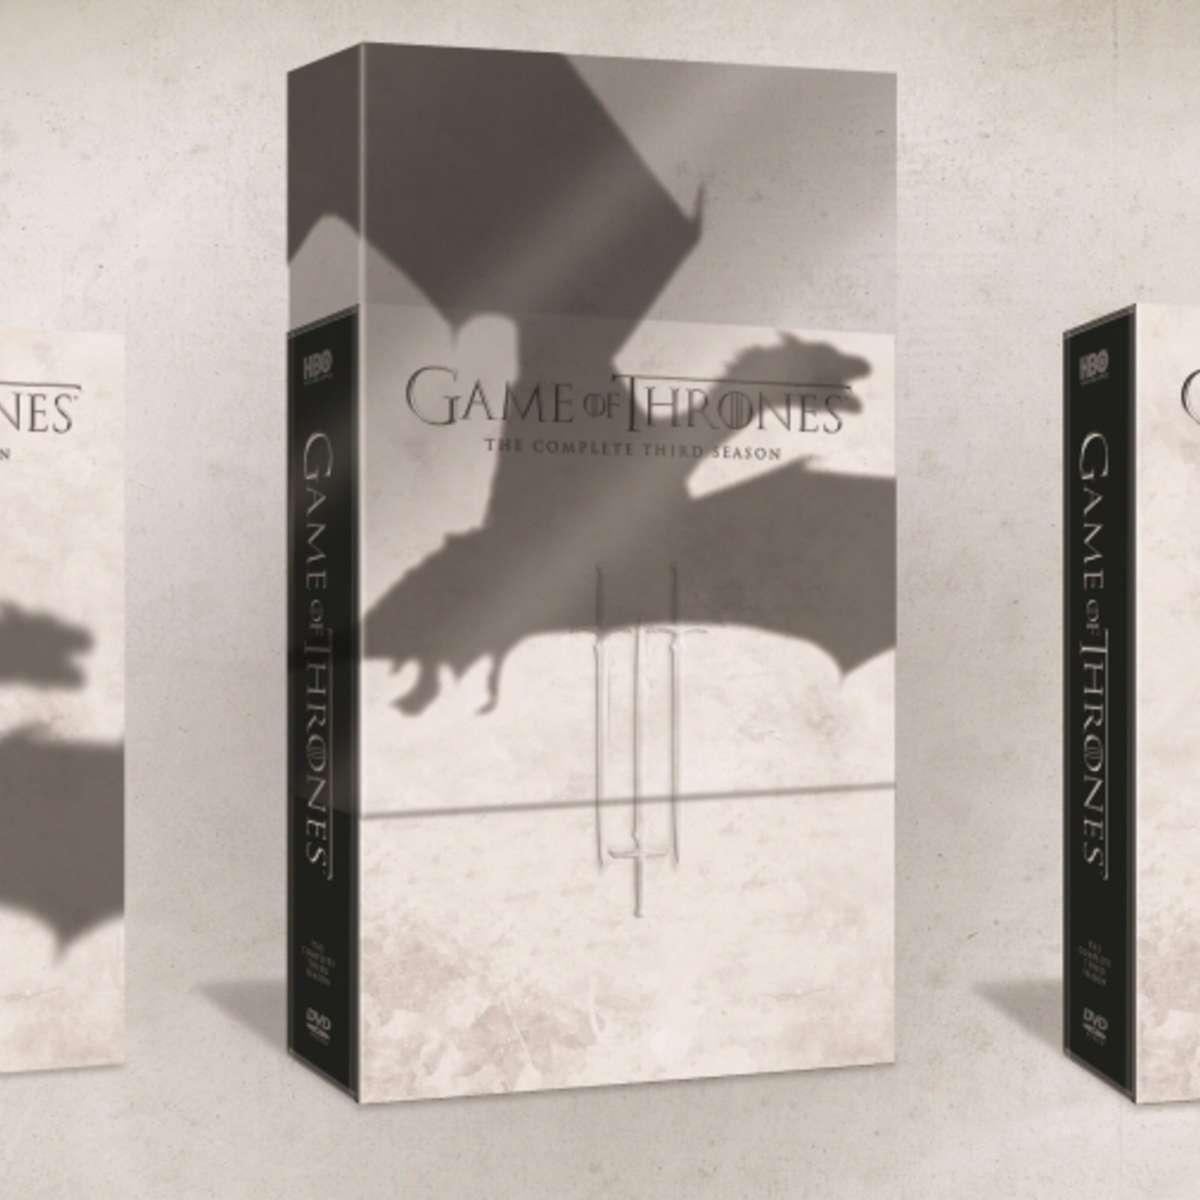 GameofThroness3-slip-cover.jpg